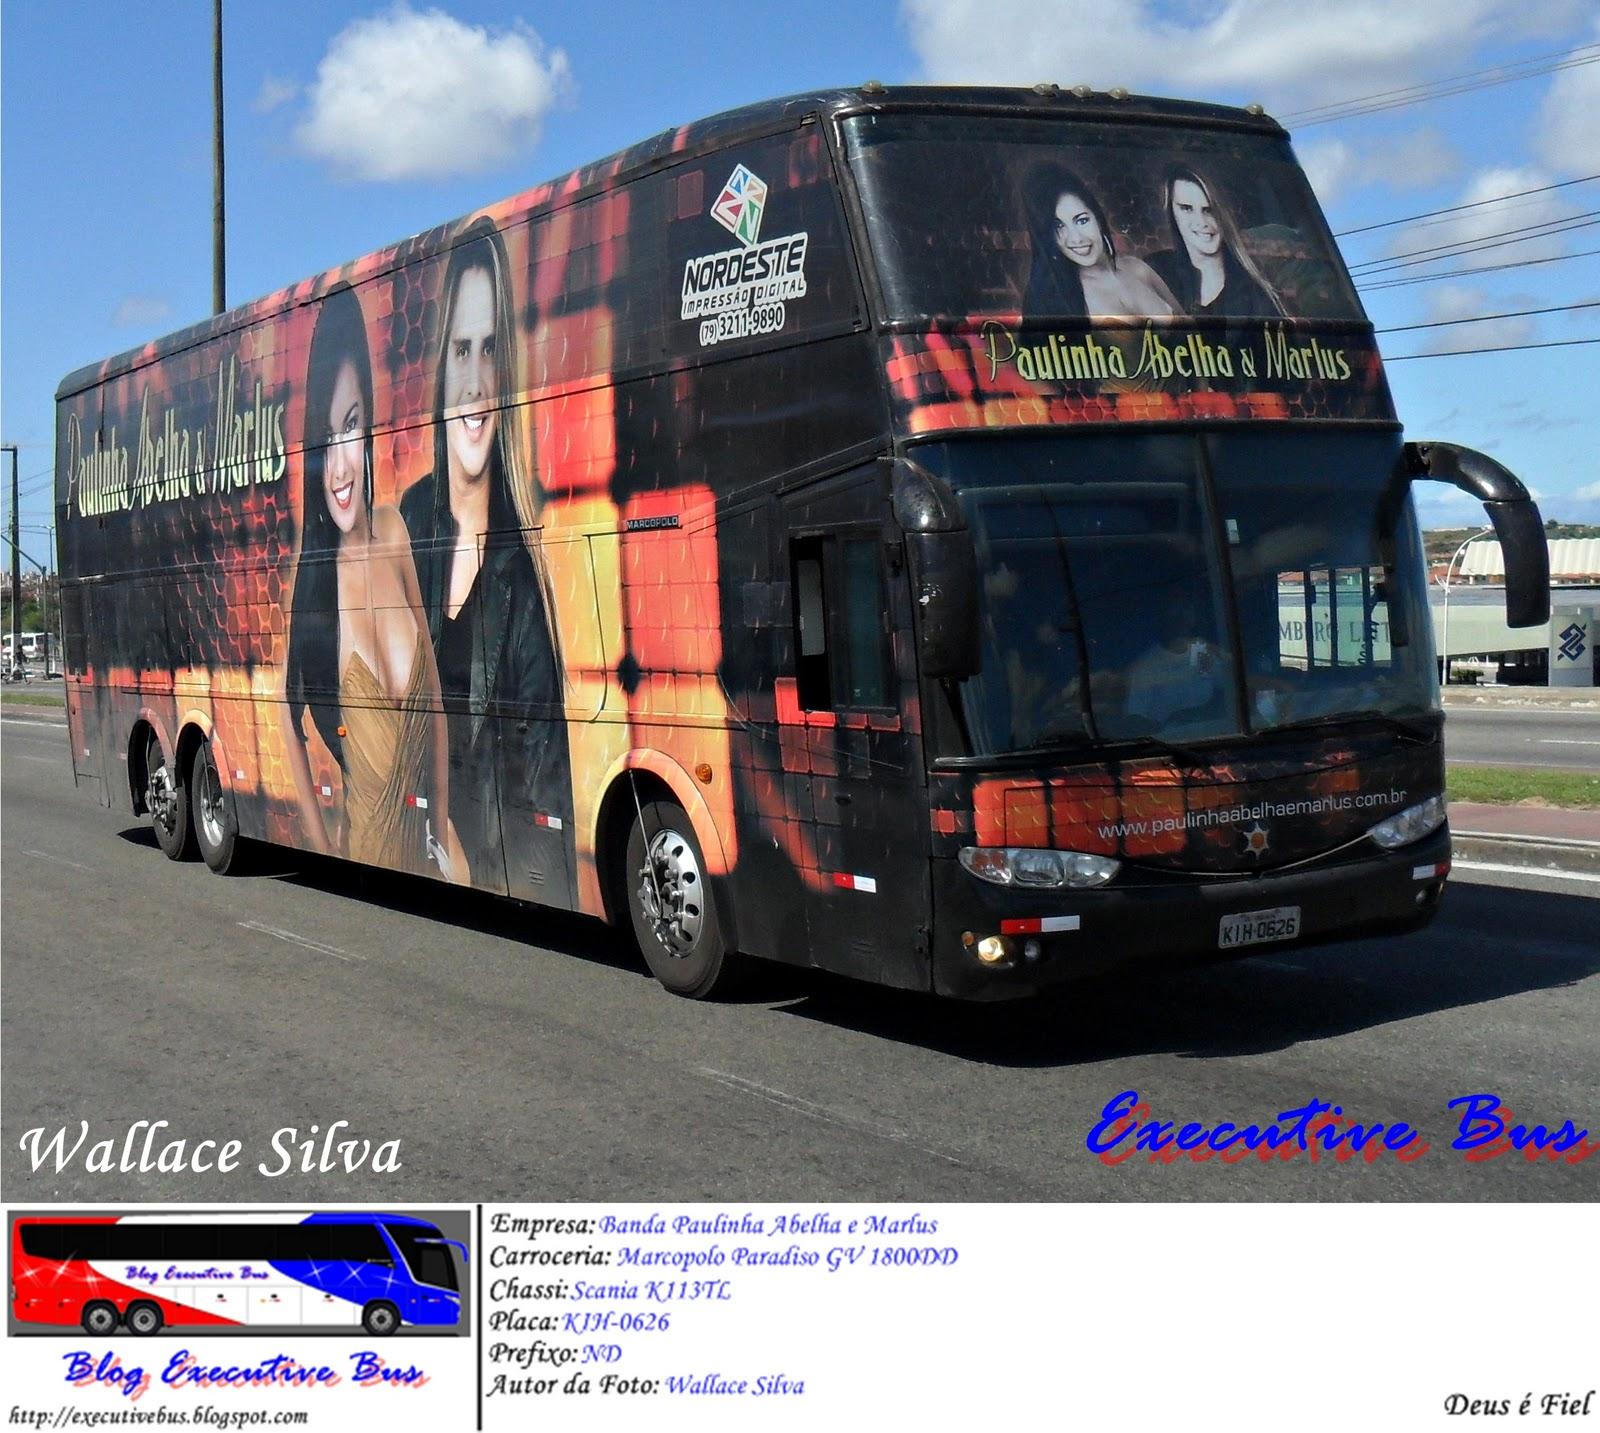 Adesivo Parede Kokeshi ~ Executive Bus Especial u00d4nibus de Bandas